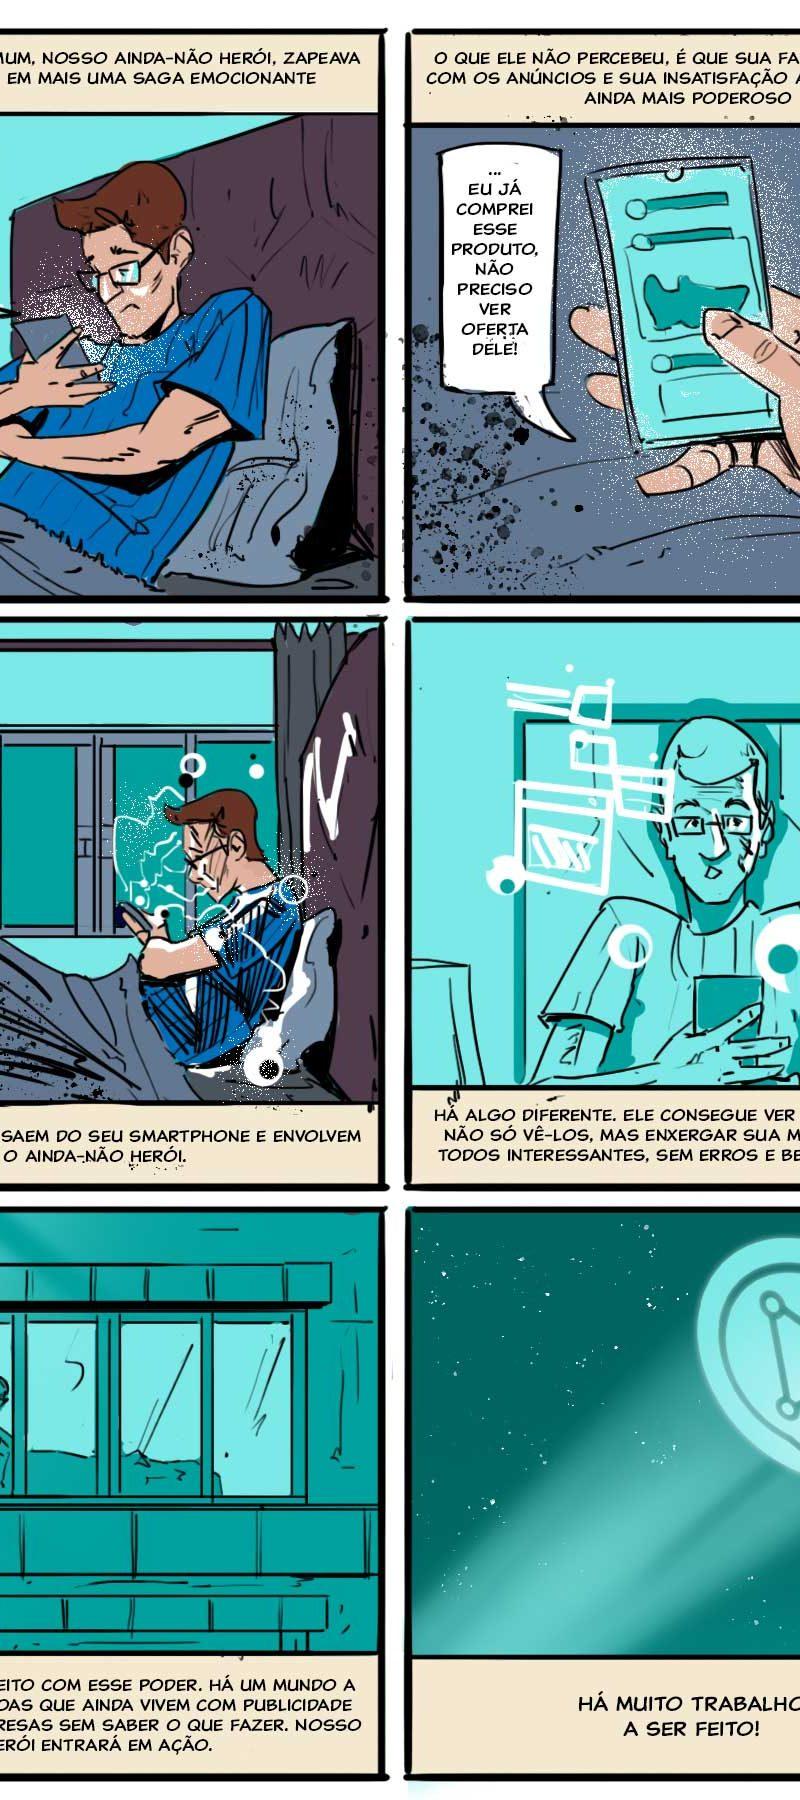 Quadrinhos Corporativos – Como se destacar com diversão